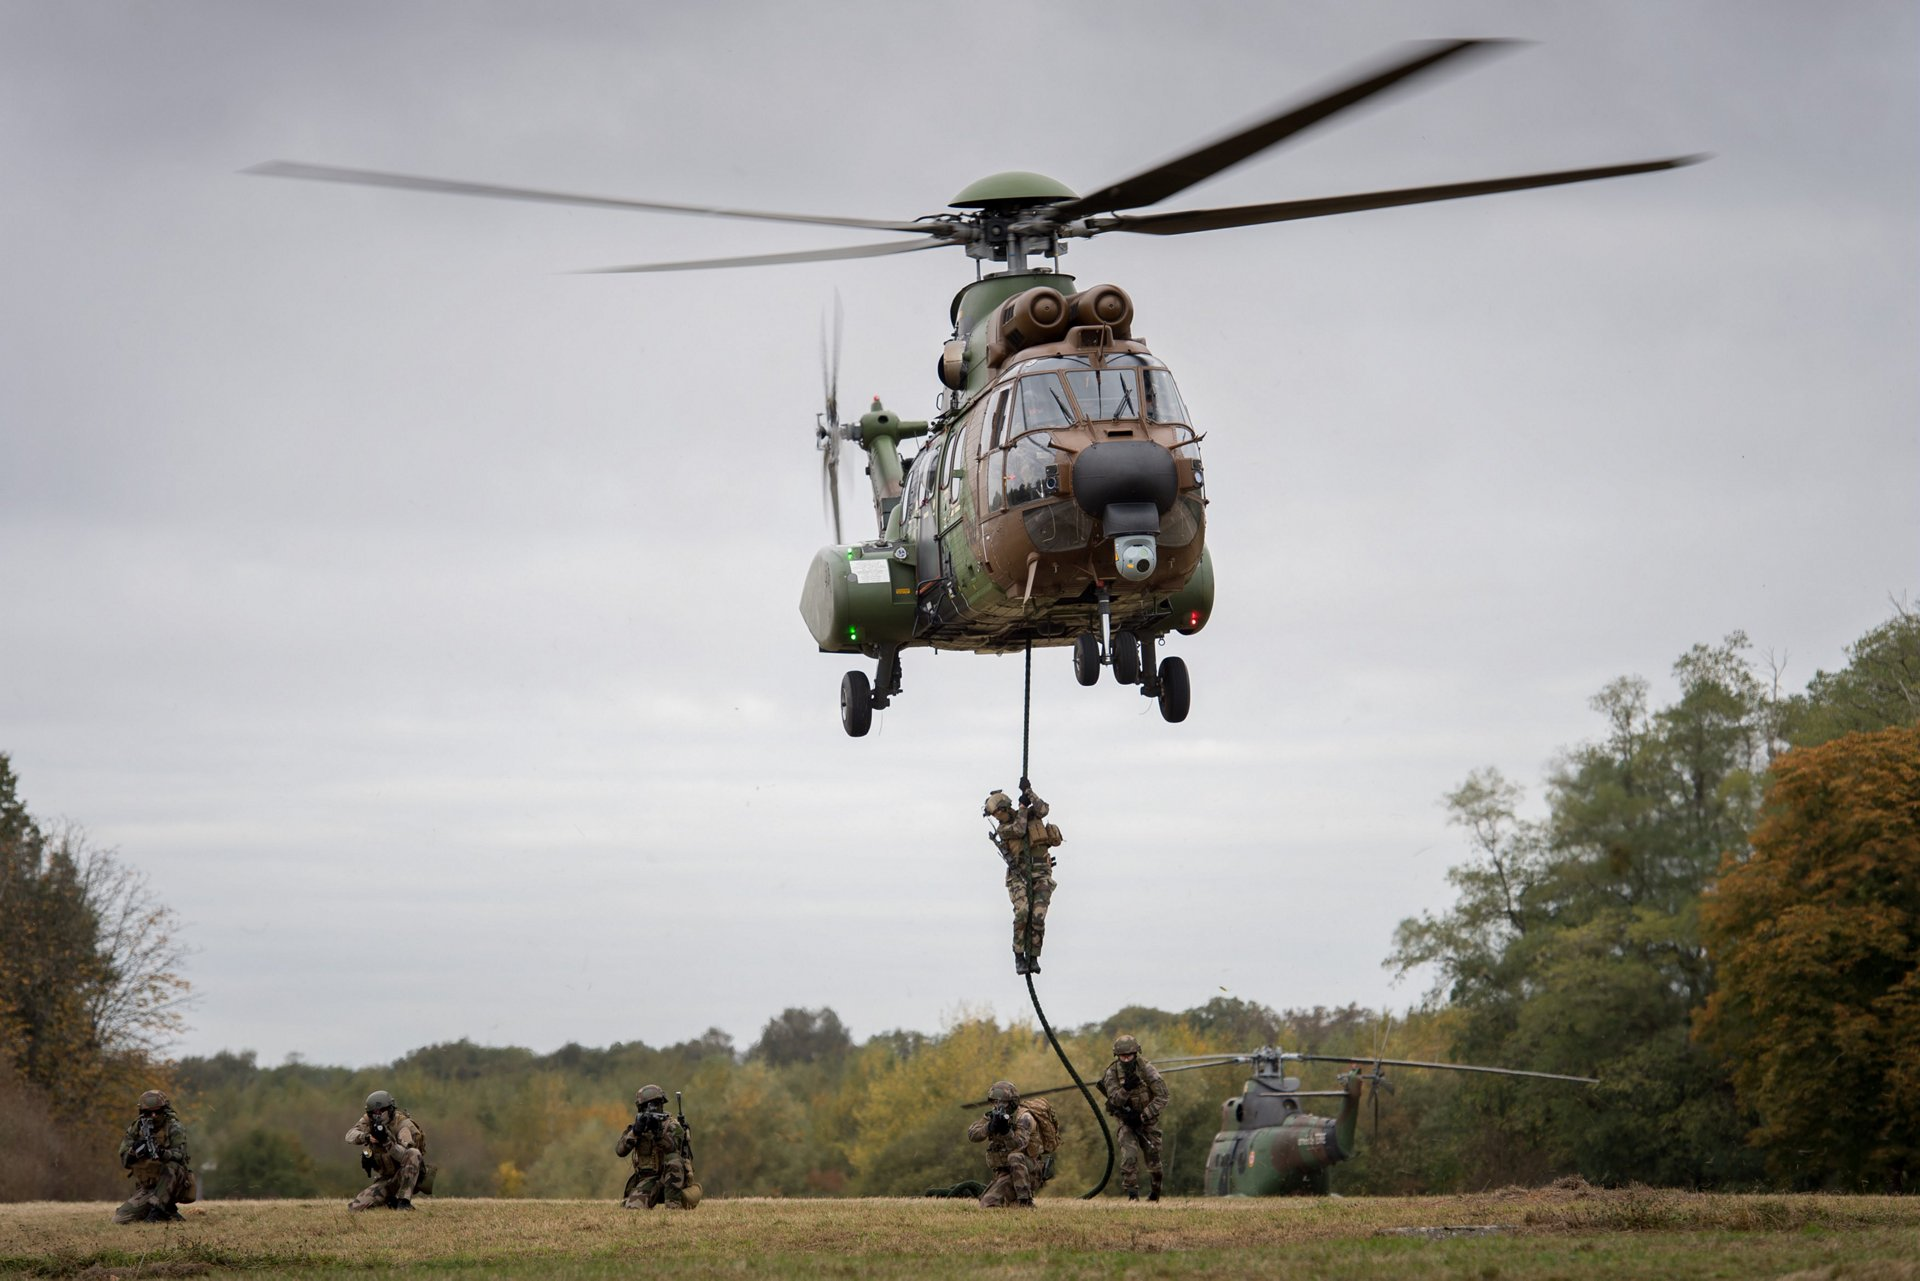 Troop transport and MEDEVAC